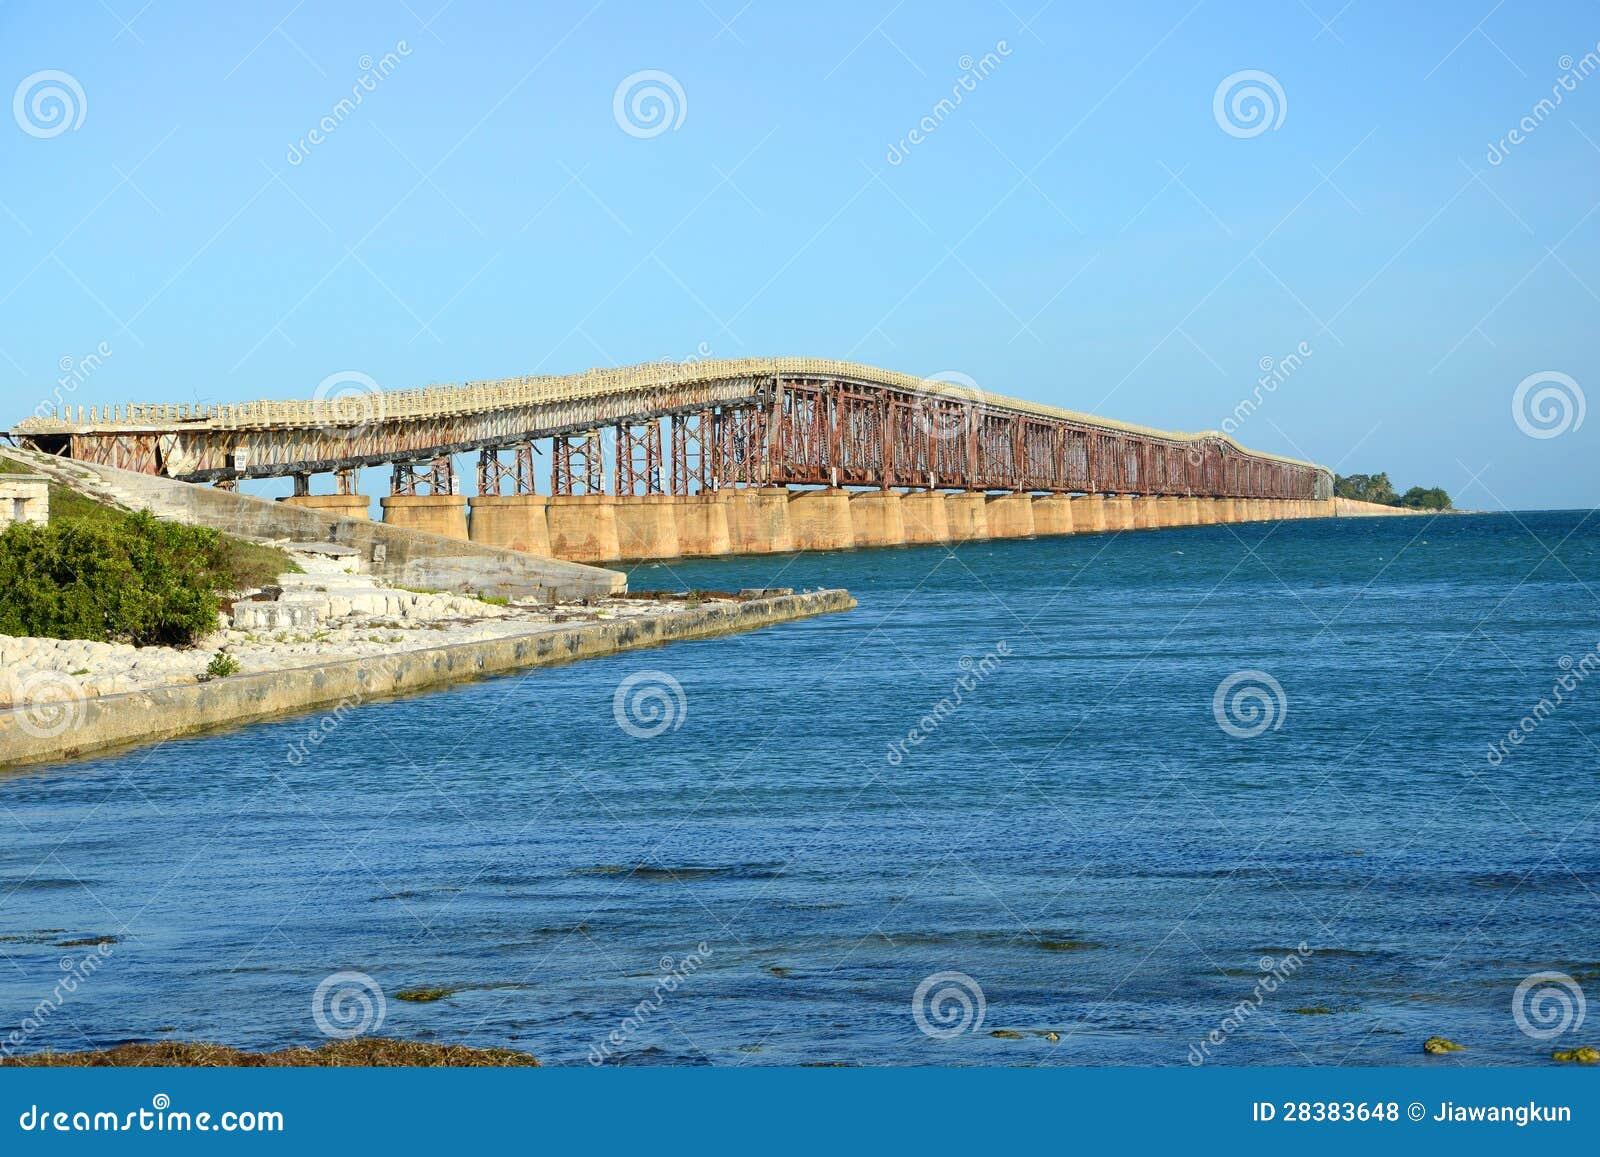 Bahia Honda Rail Bridge, Key West